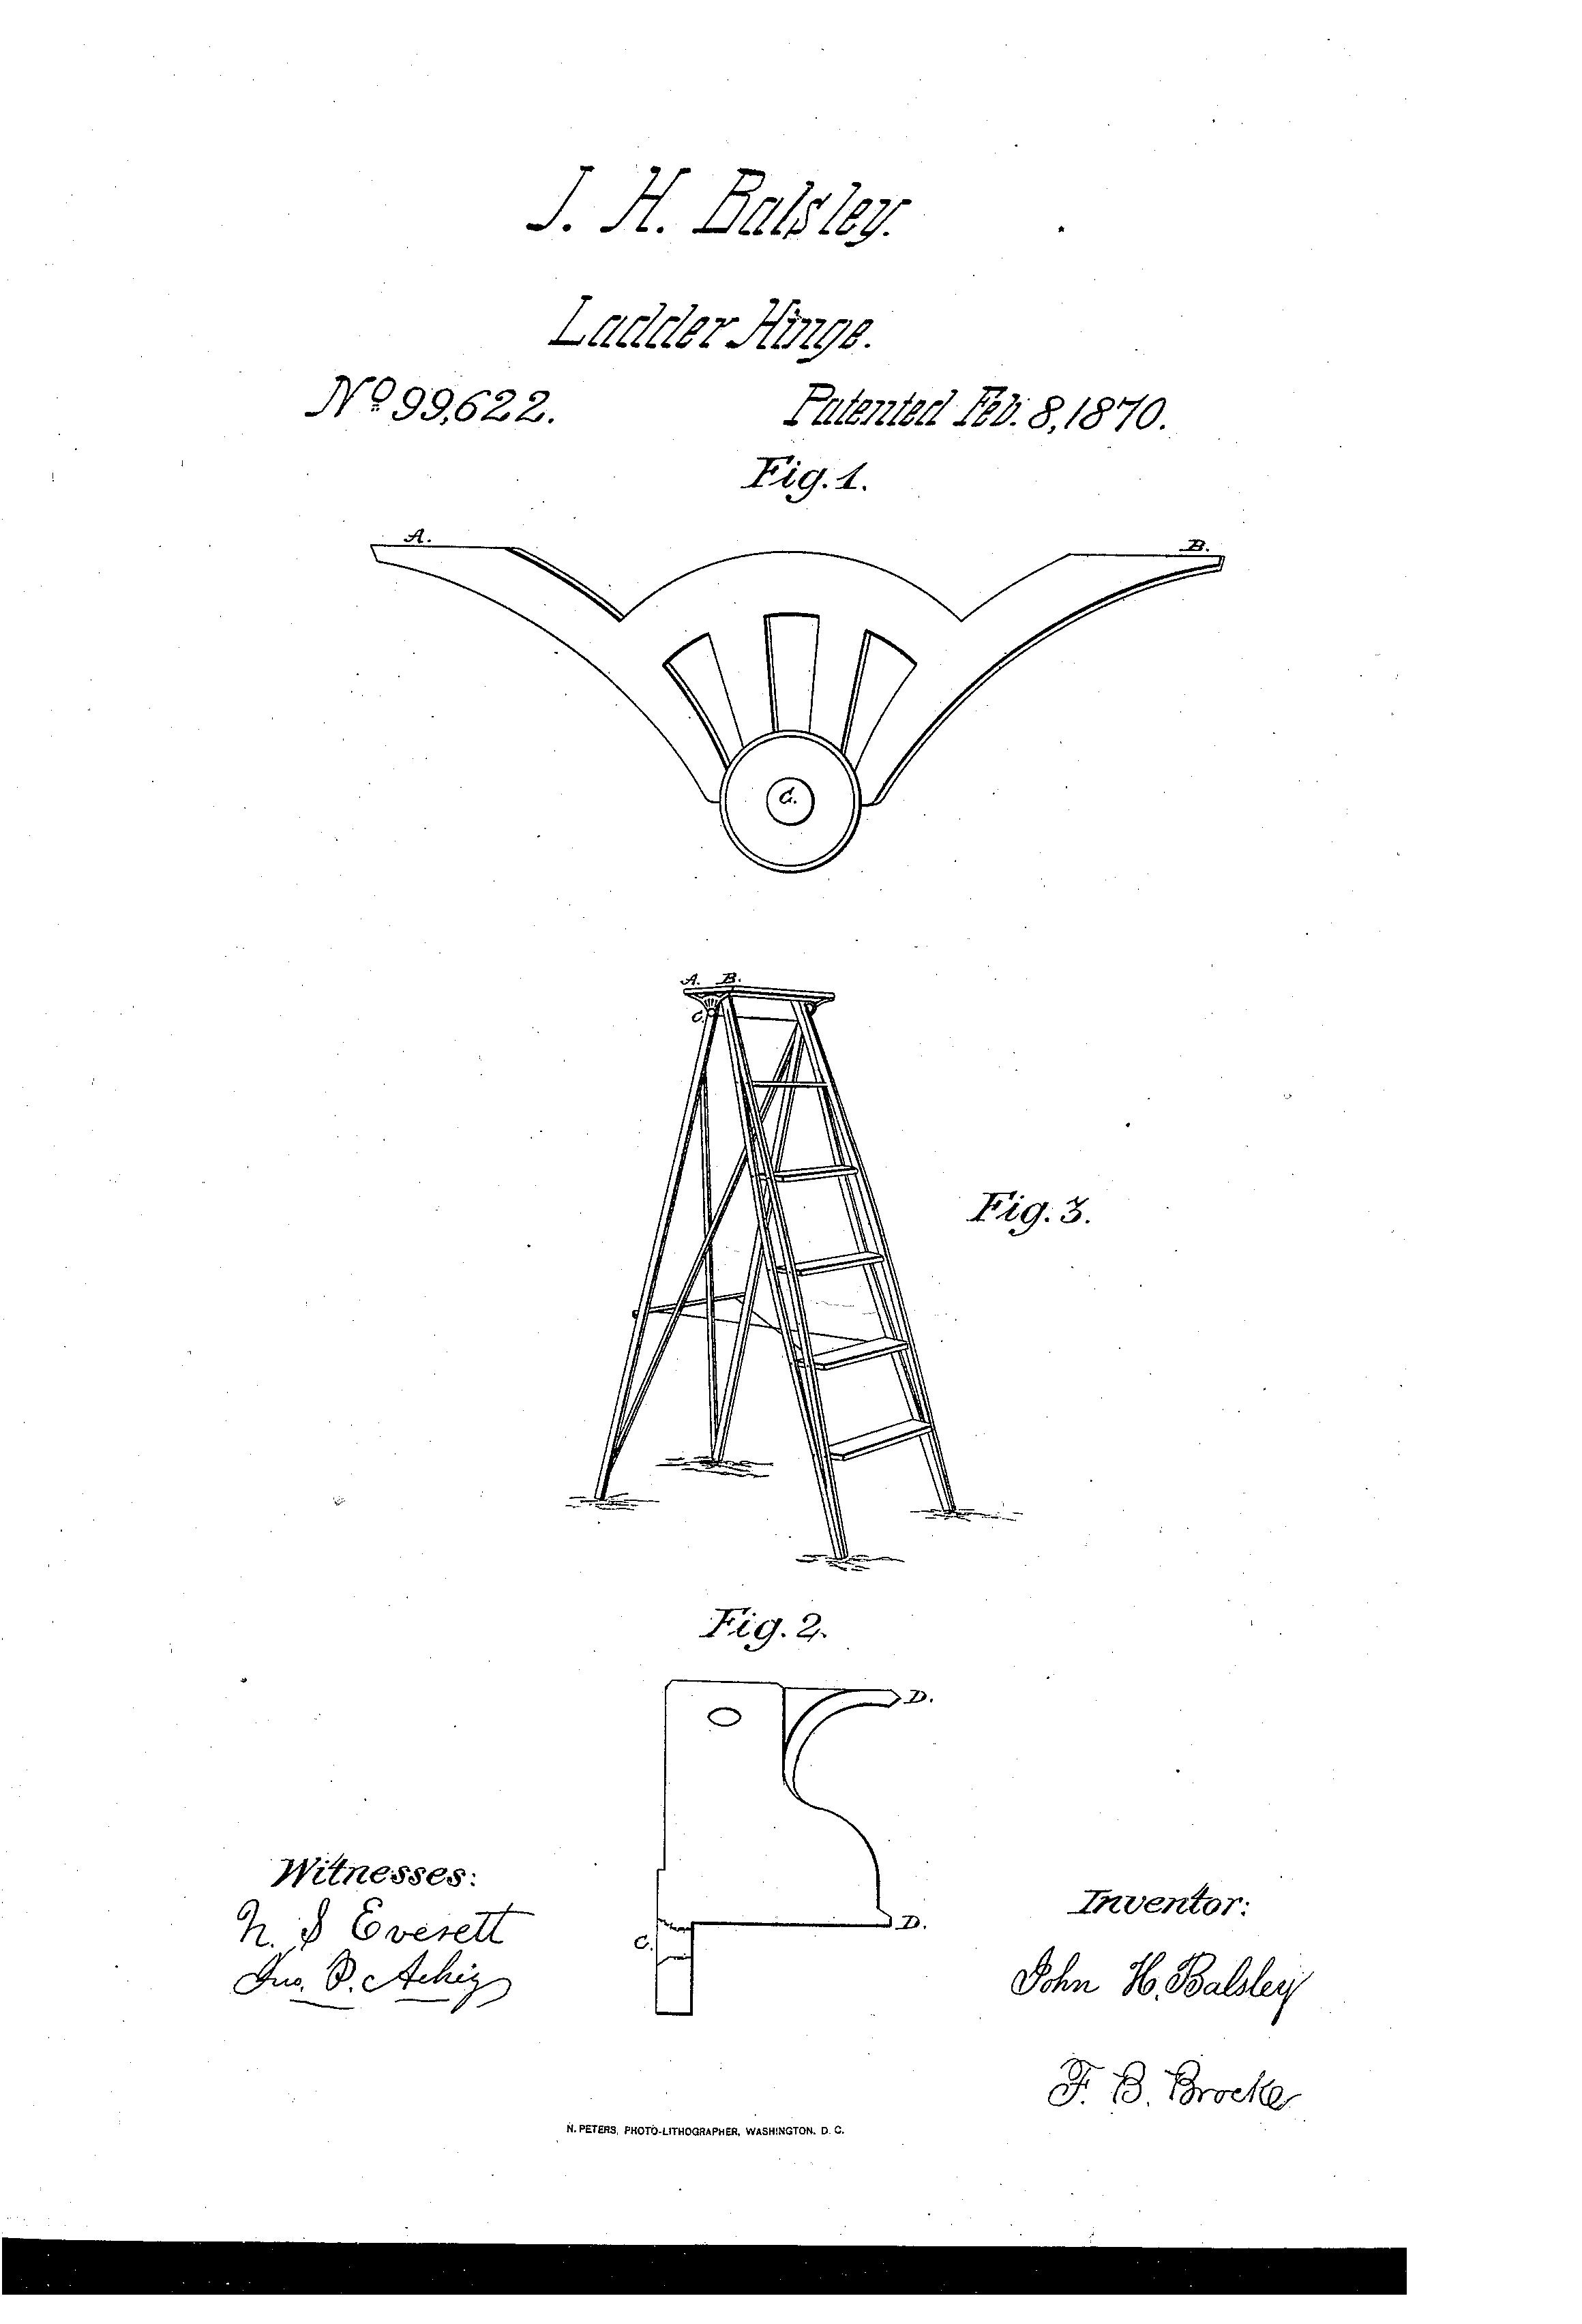 US99622-0.png 2,320×3,408 pixels